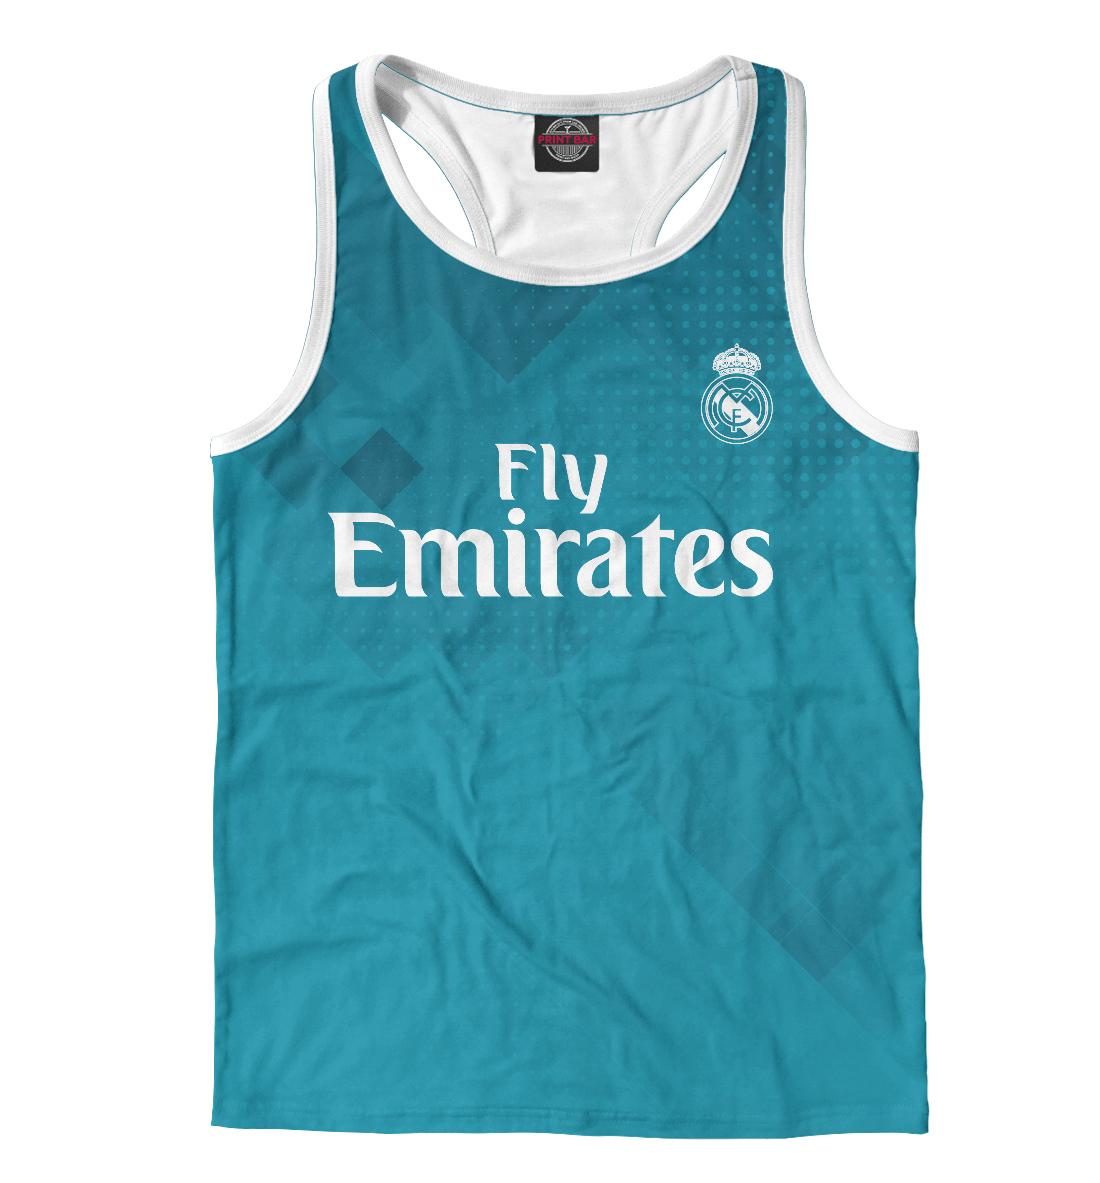 Купить Реал Мадрид, Printbar, Майки борцовки, REA-395951-mayb-2